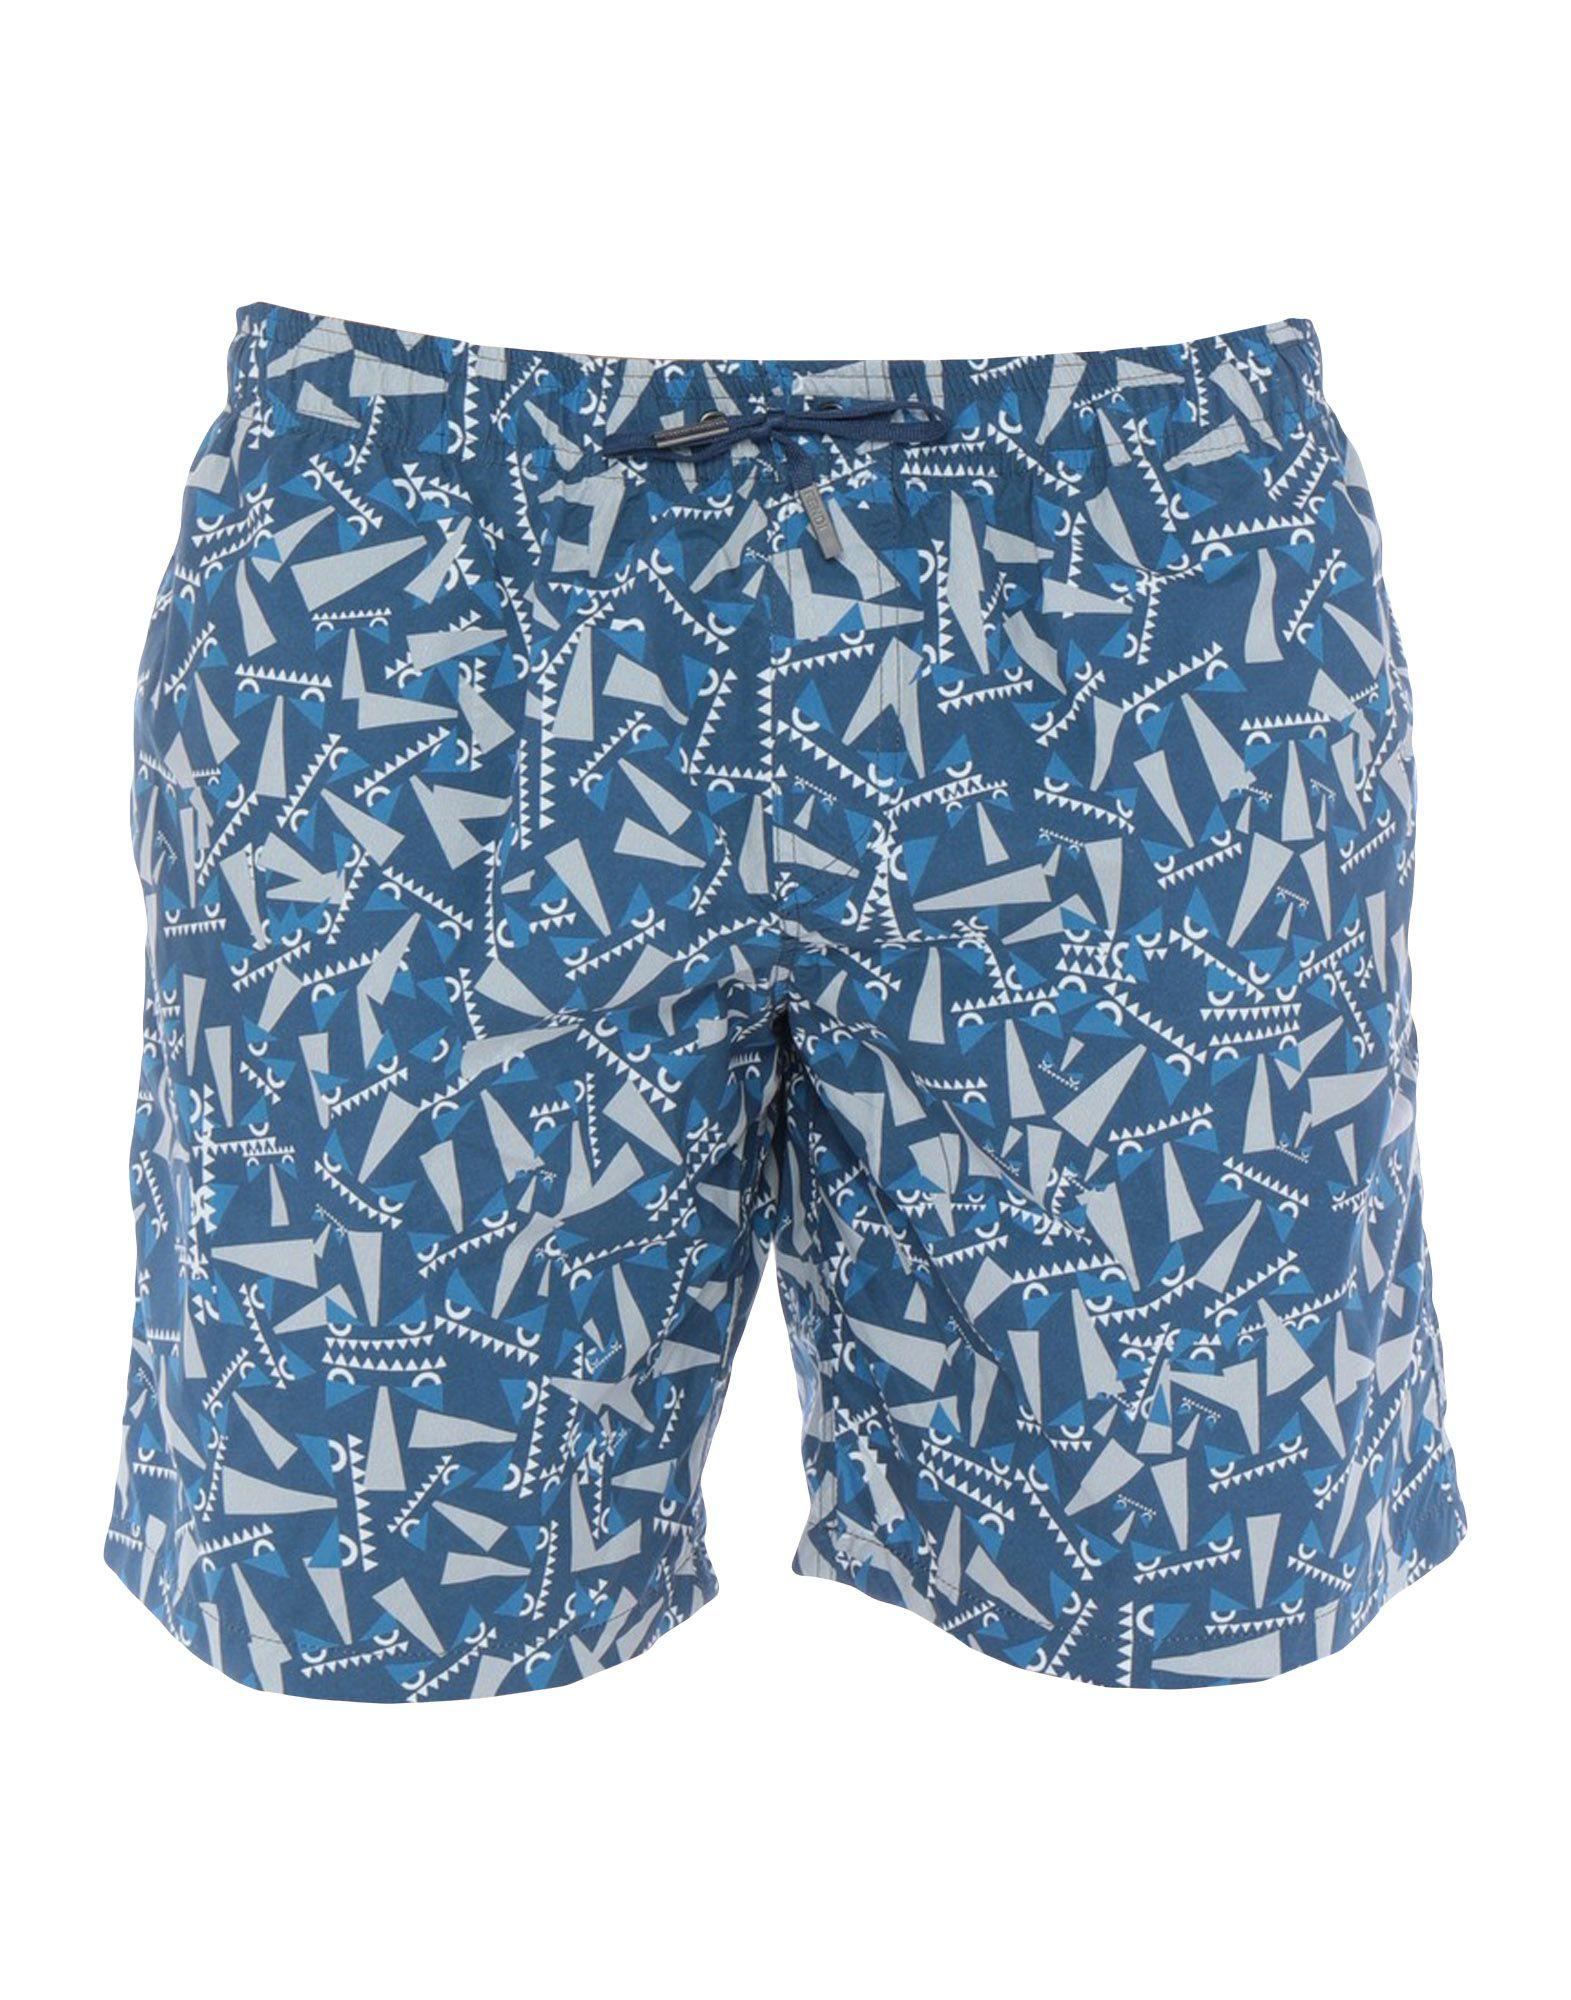 meilleures baskets 4dc65 21660 Shorts De Bain Fendi Homme - Shorts De Bain Fendi sur YOOX ...